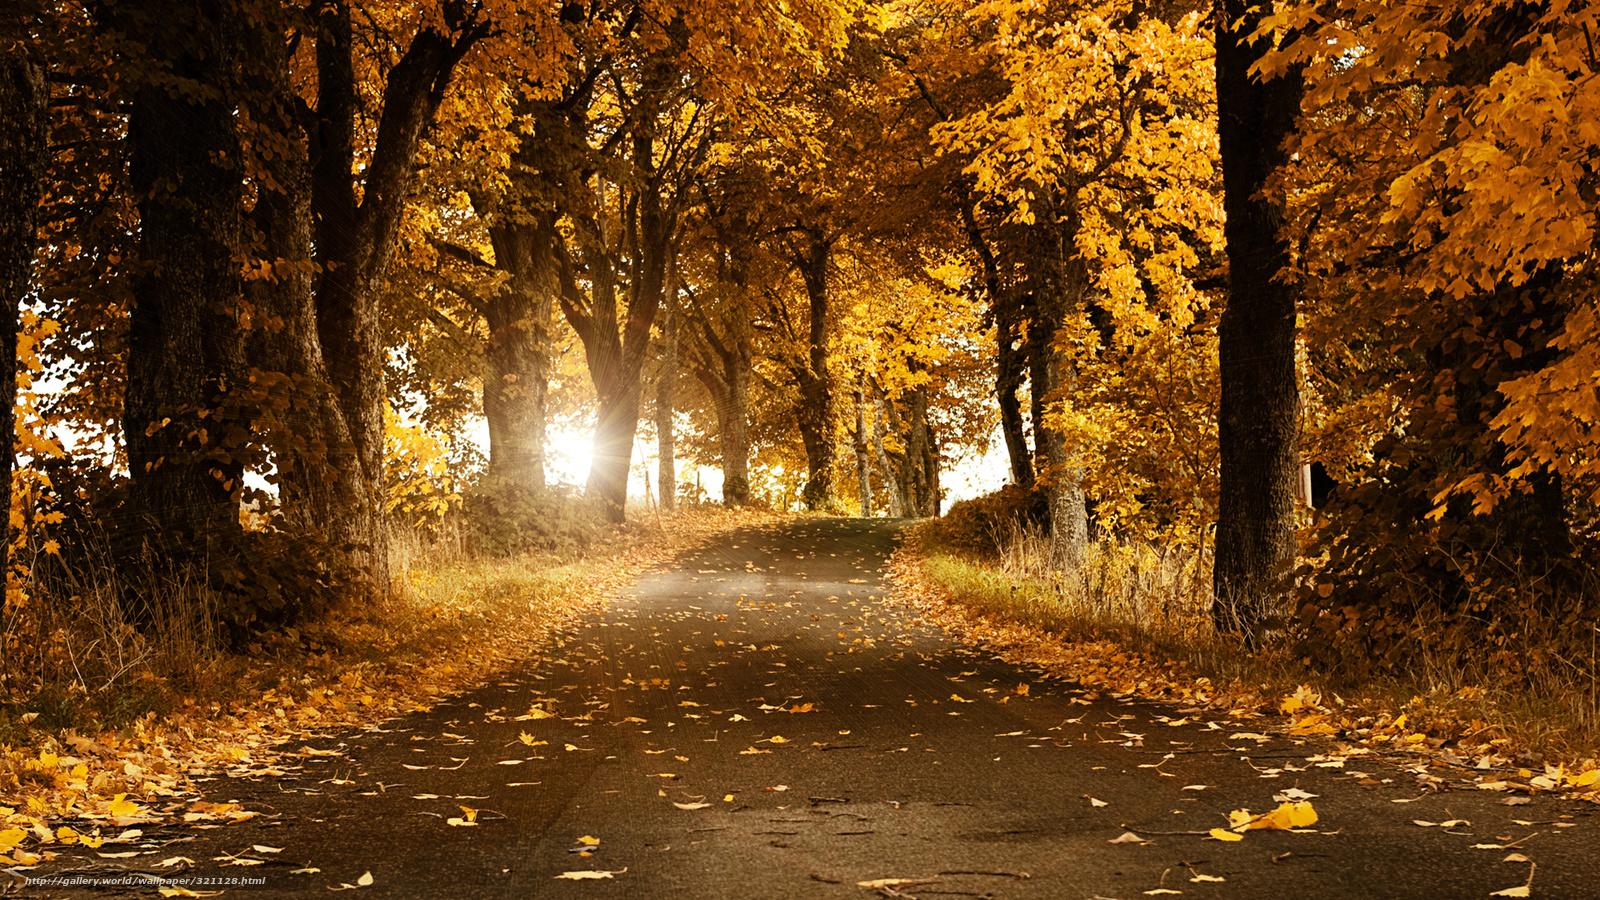 壁纸 风景 森林 桌面 1600_900